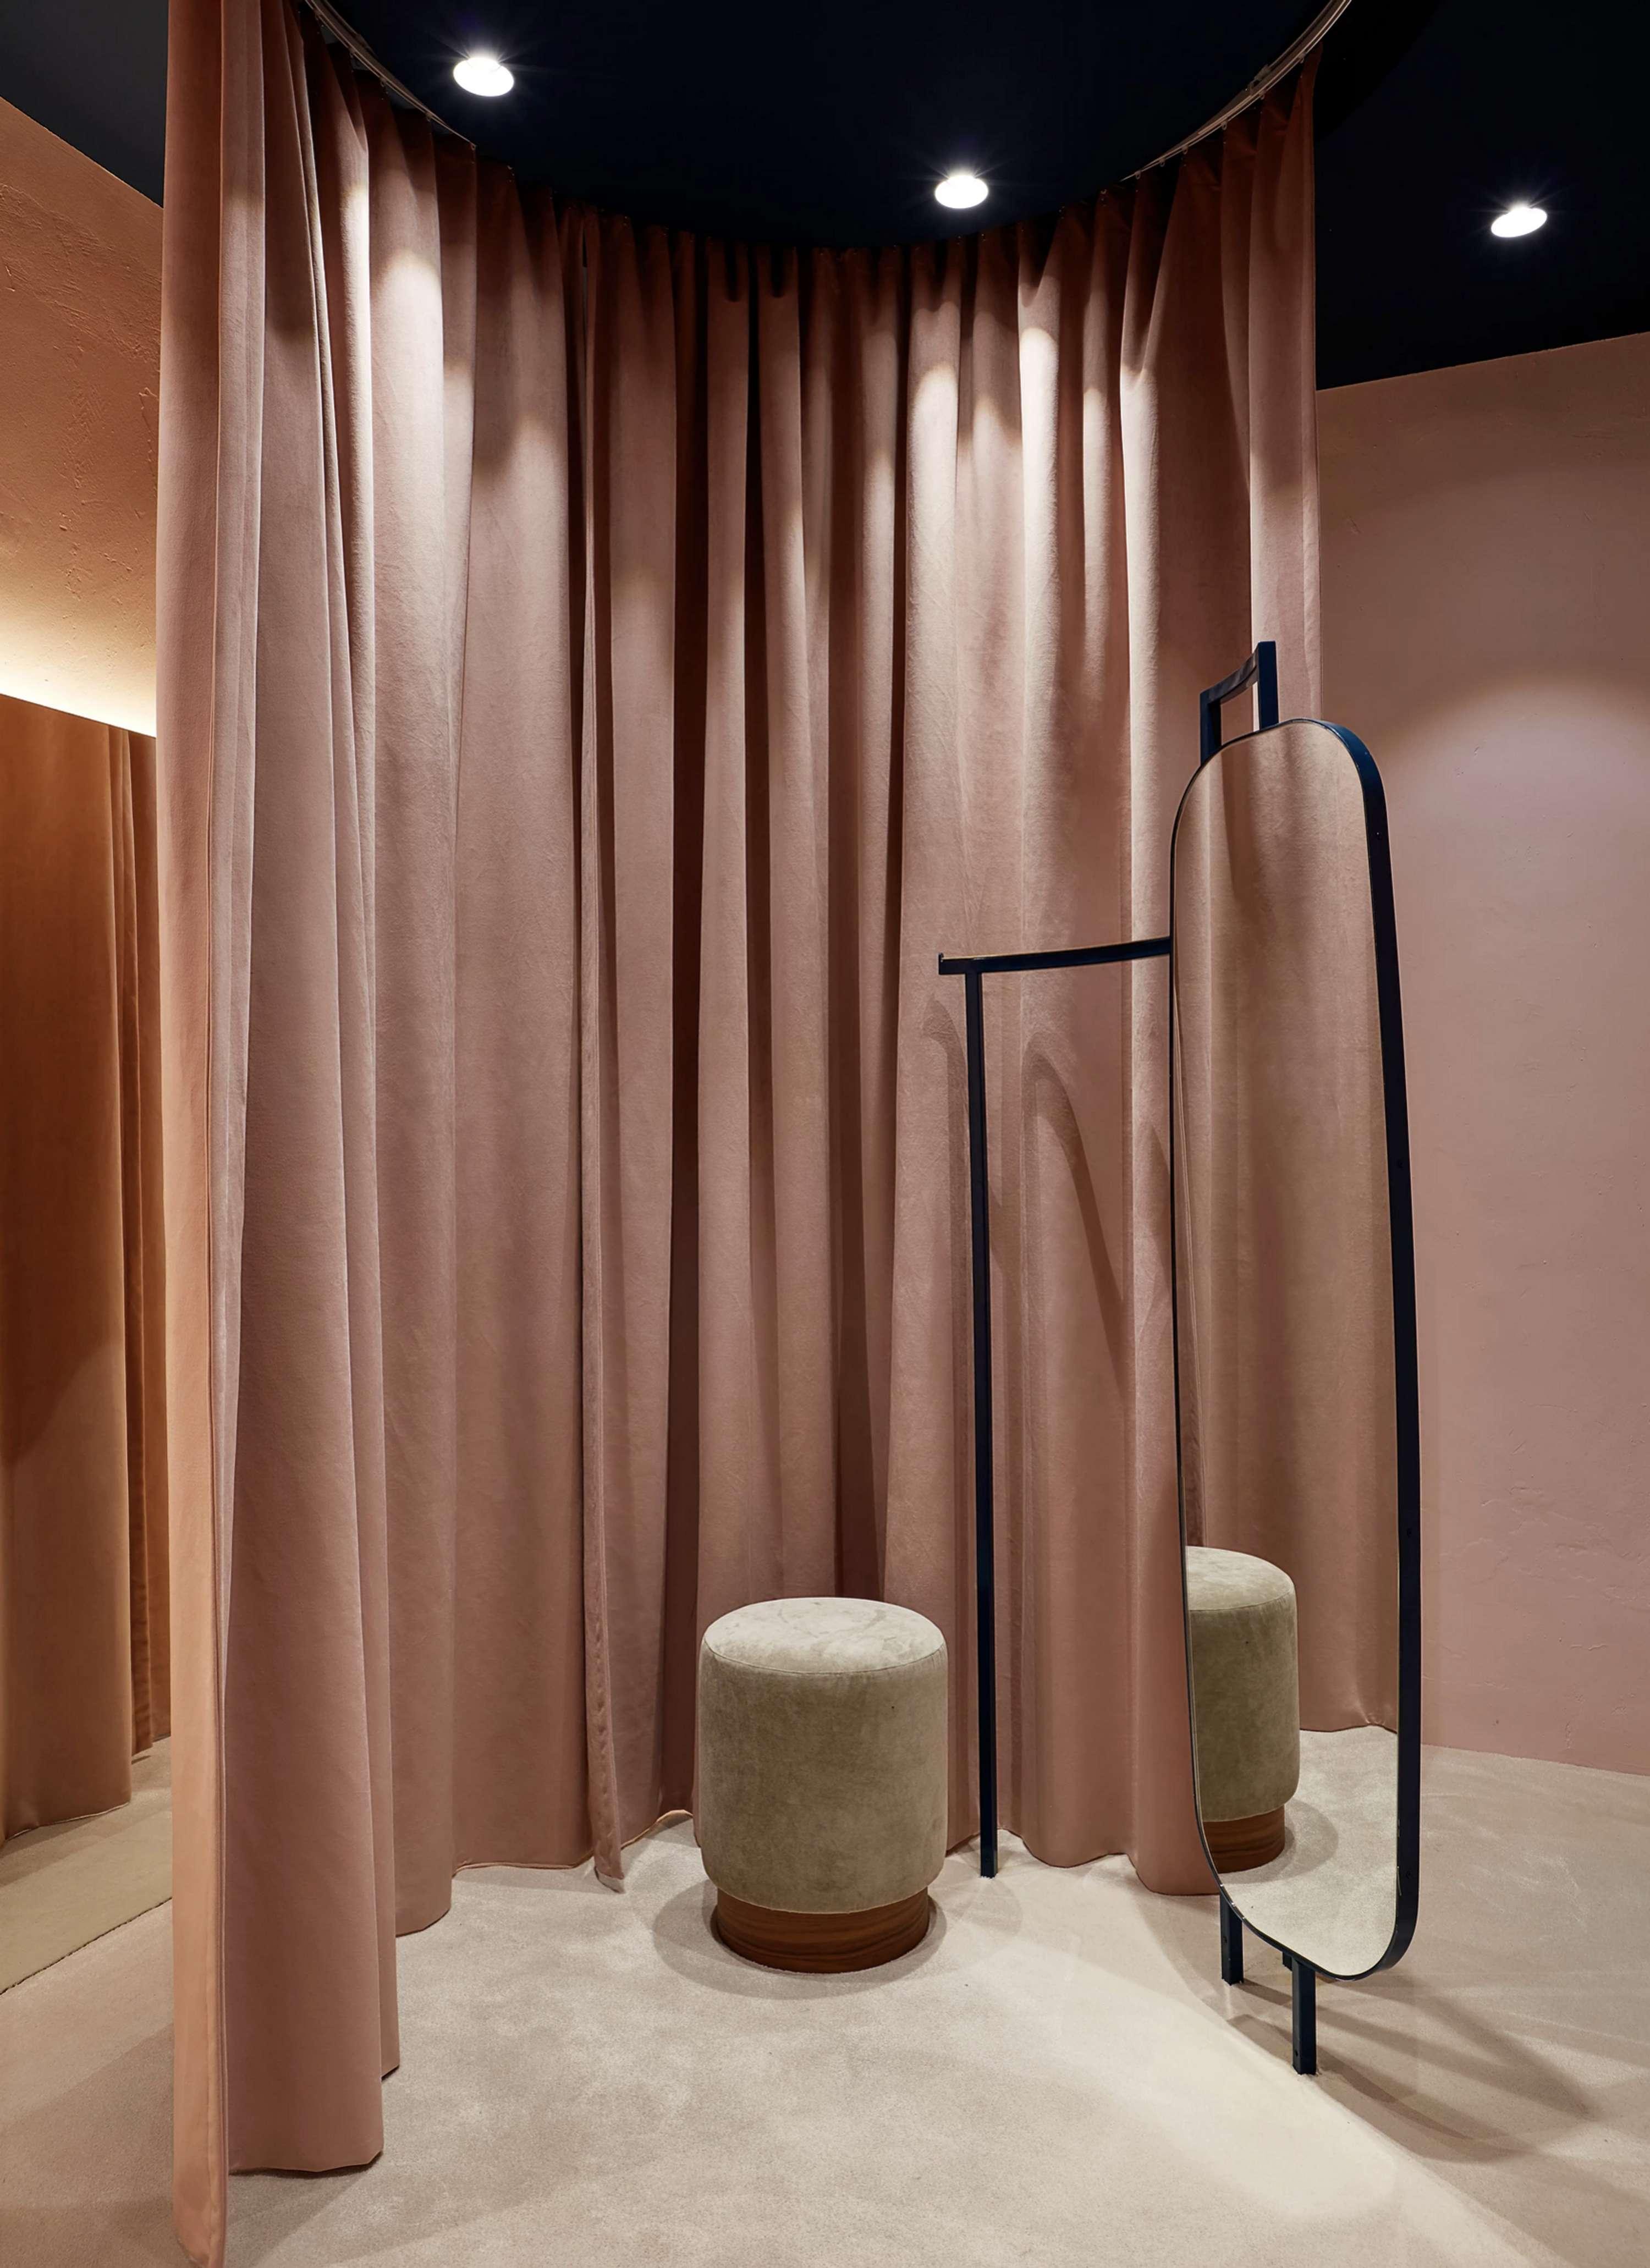 rèm cửa phòng thay đồ màu hồng